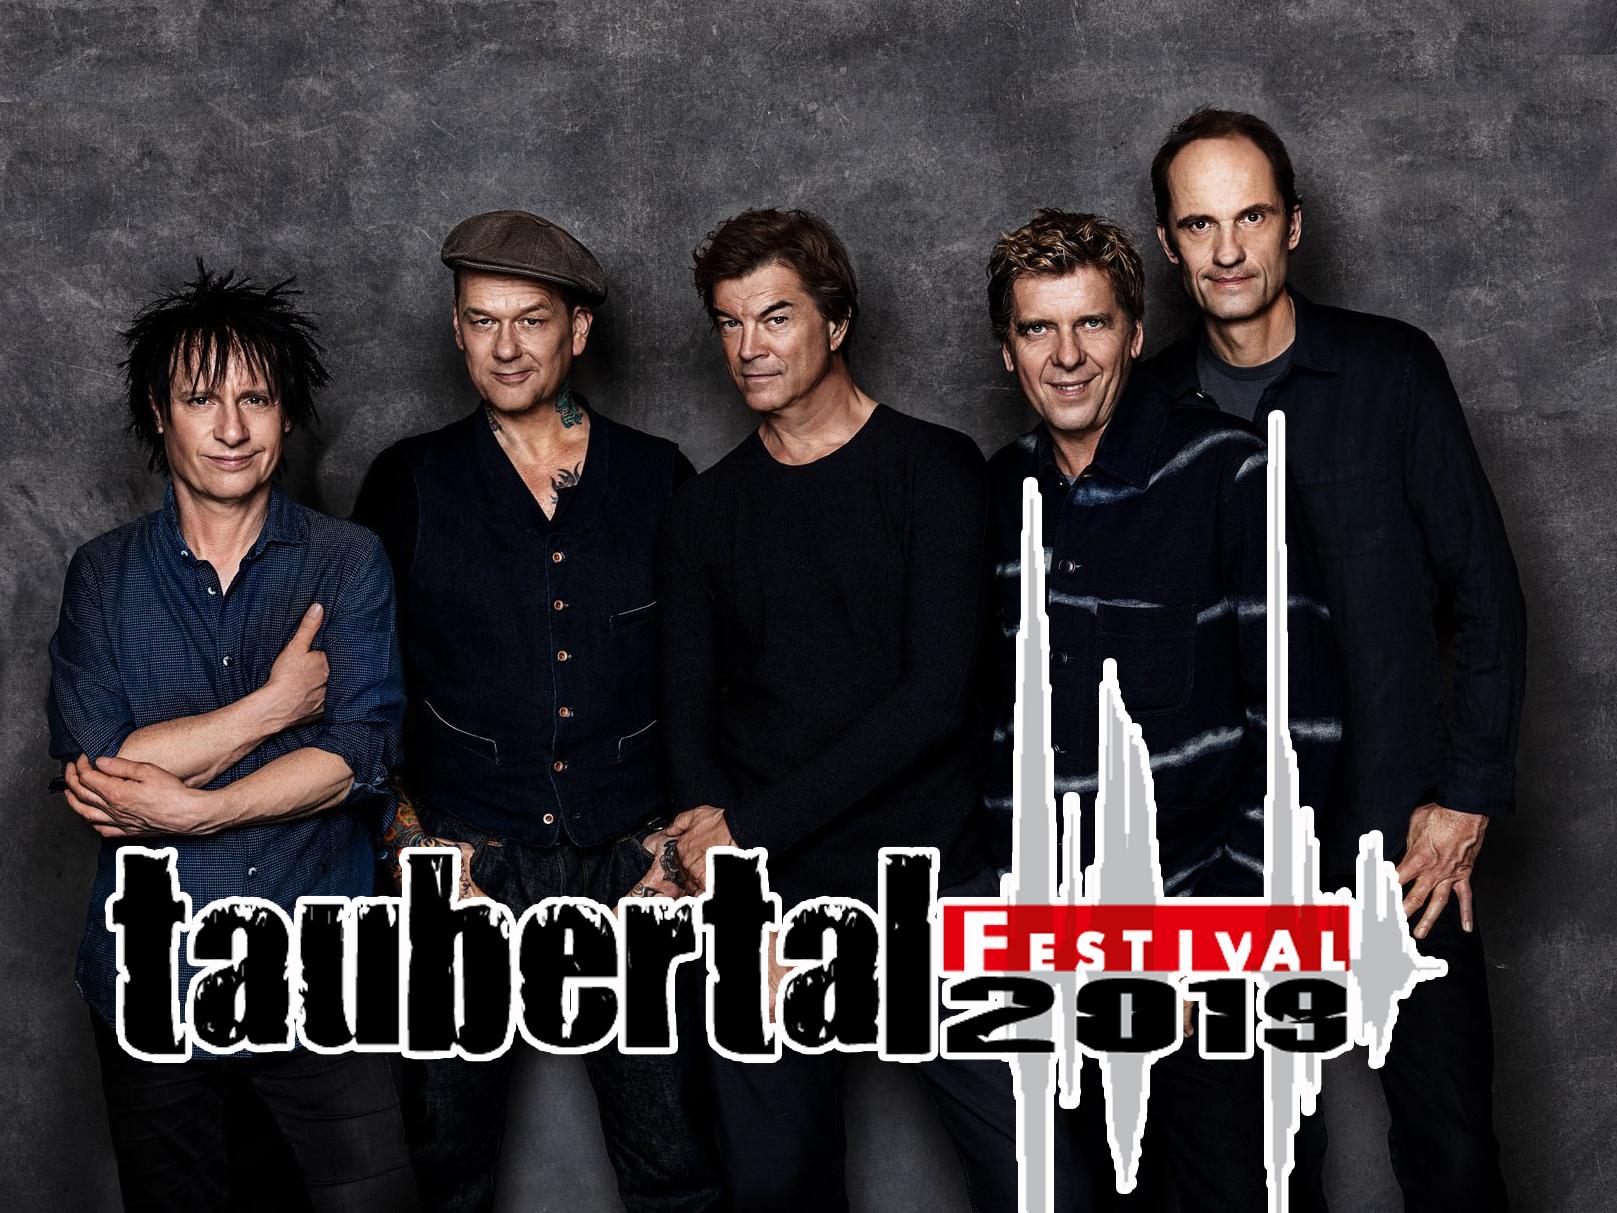 das-taubertal-festival-2019-laesste-die-katze-aus-dem-sack-die-toten-hosen-kommen